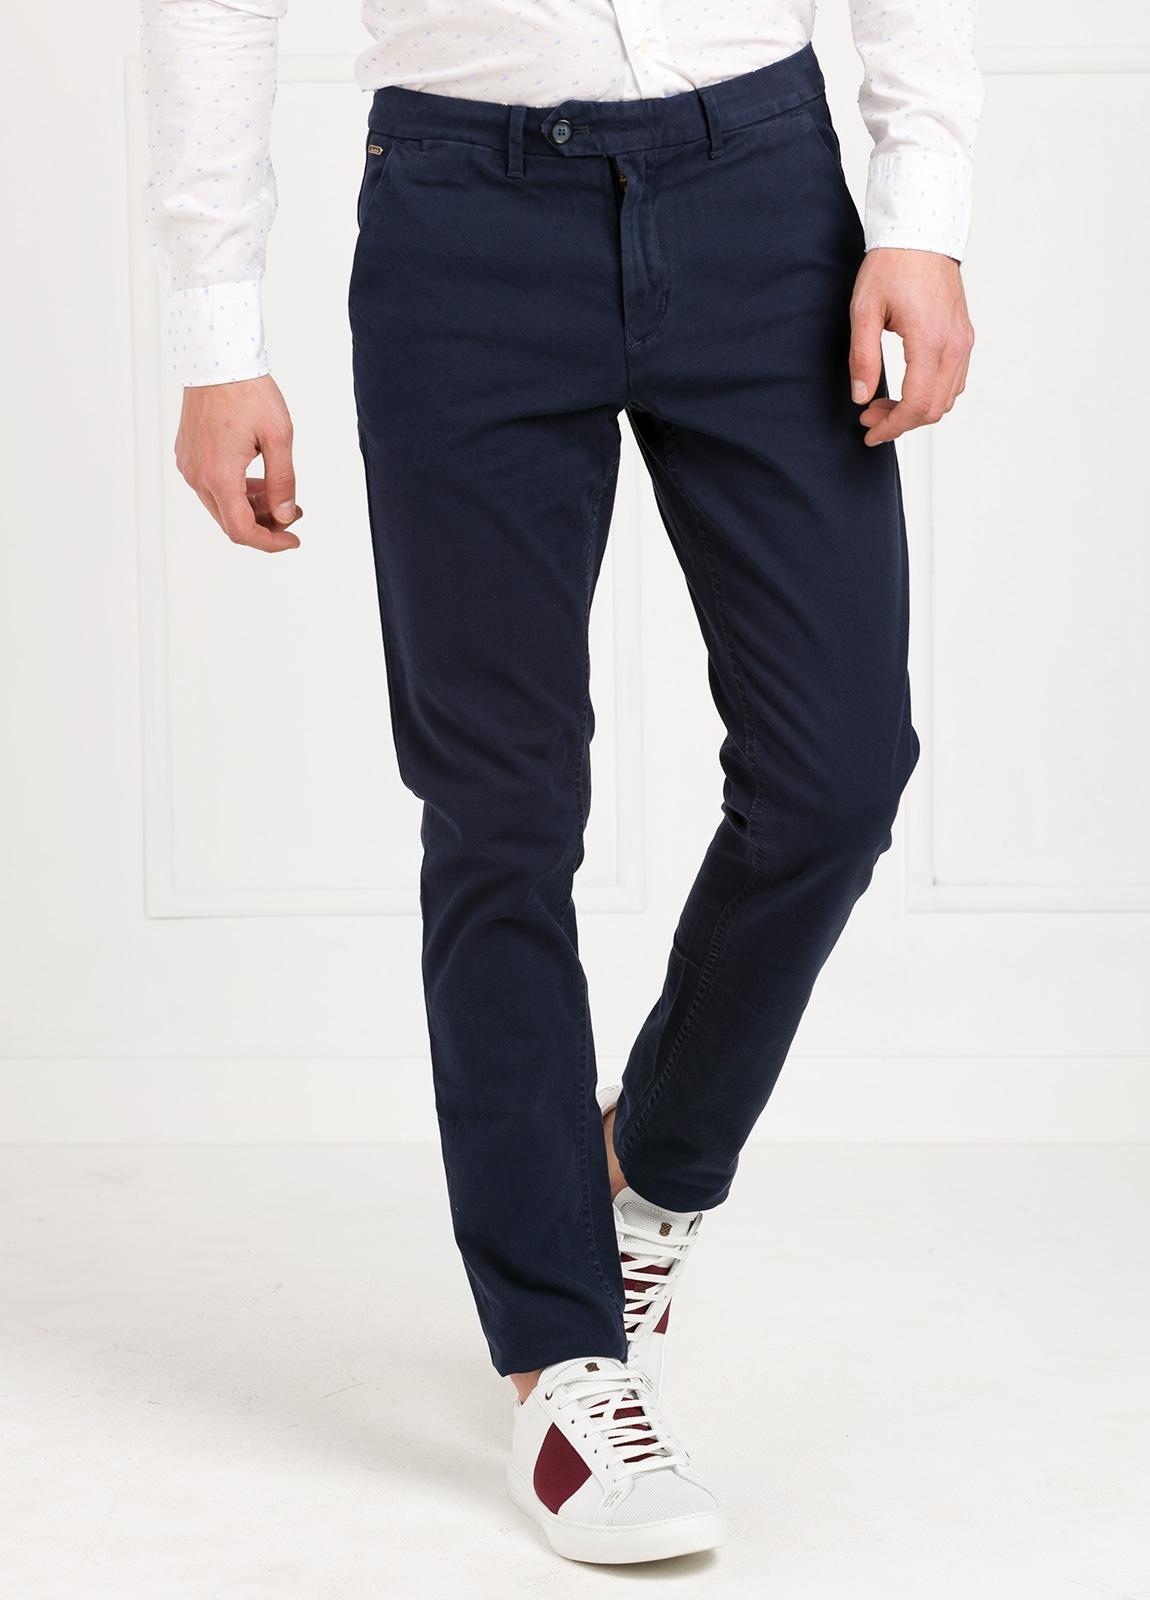 Pantalón chino regular slim fit , tejido elástico teñido en prenda color azul marino. 97% algodón 3% elastáno.